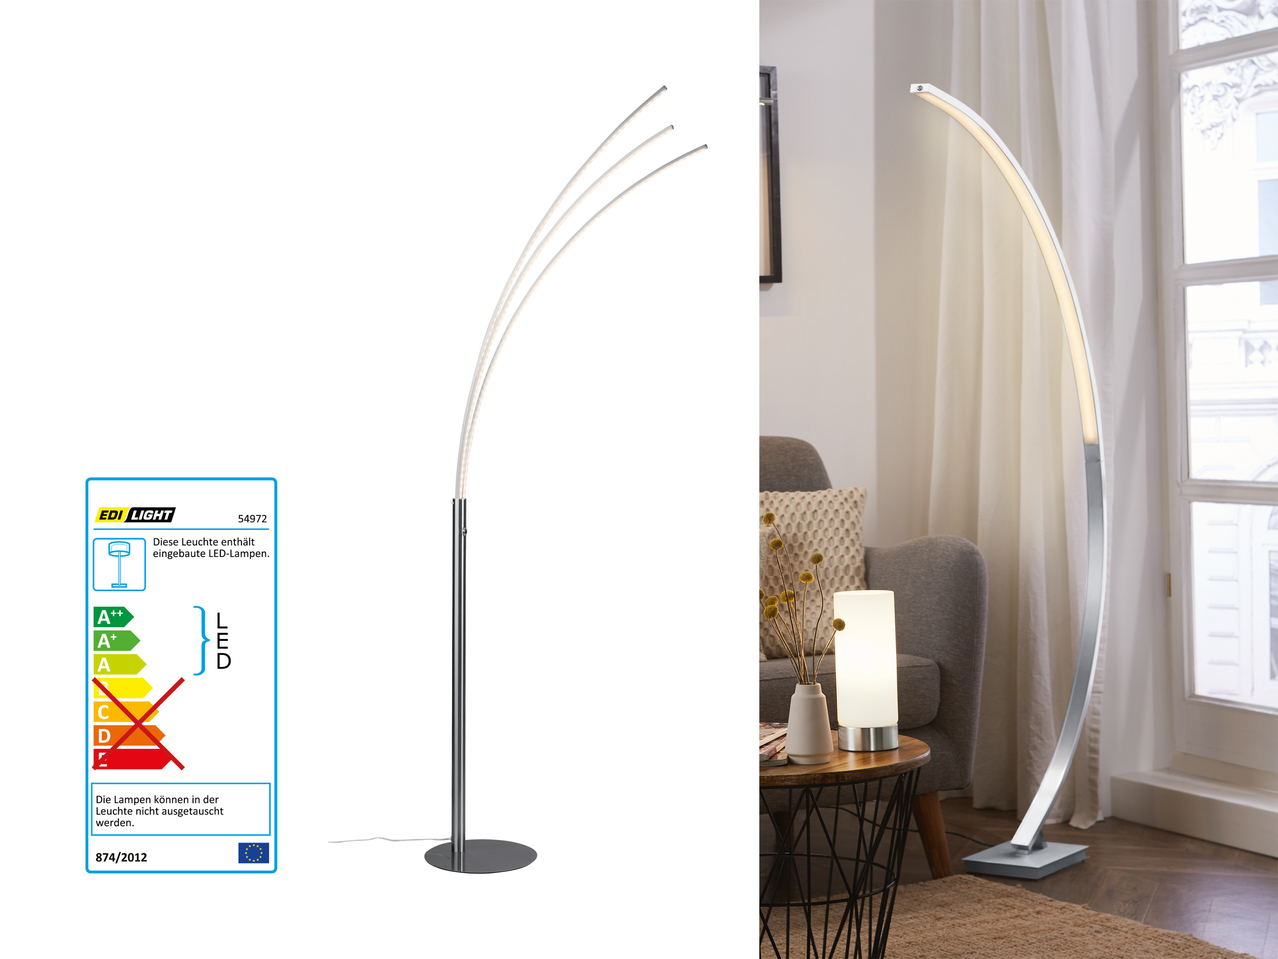 Lampe Led Forme Suisse De Palmier Lidl D'arc Des Archive À En — Xk0w8nOP